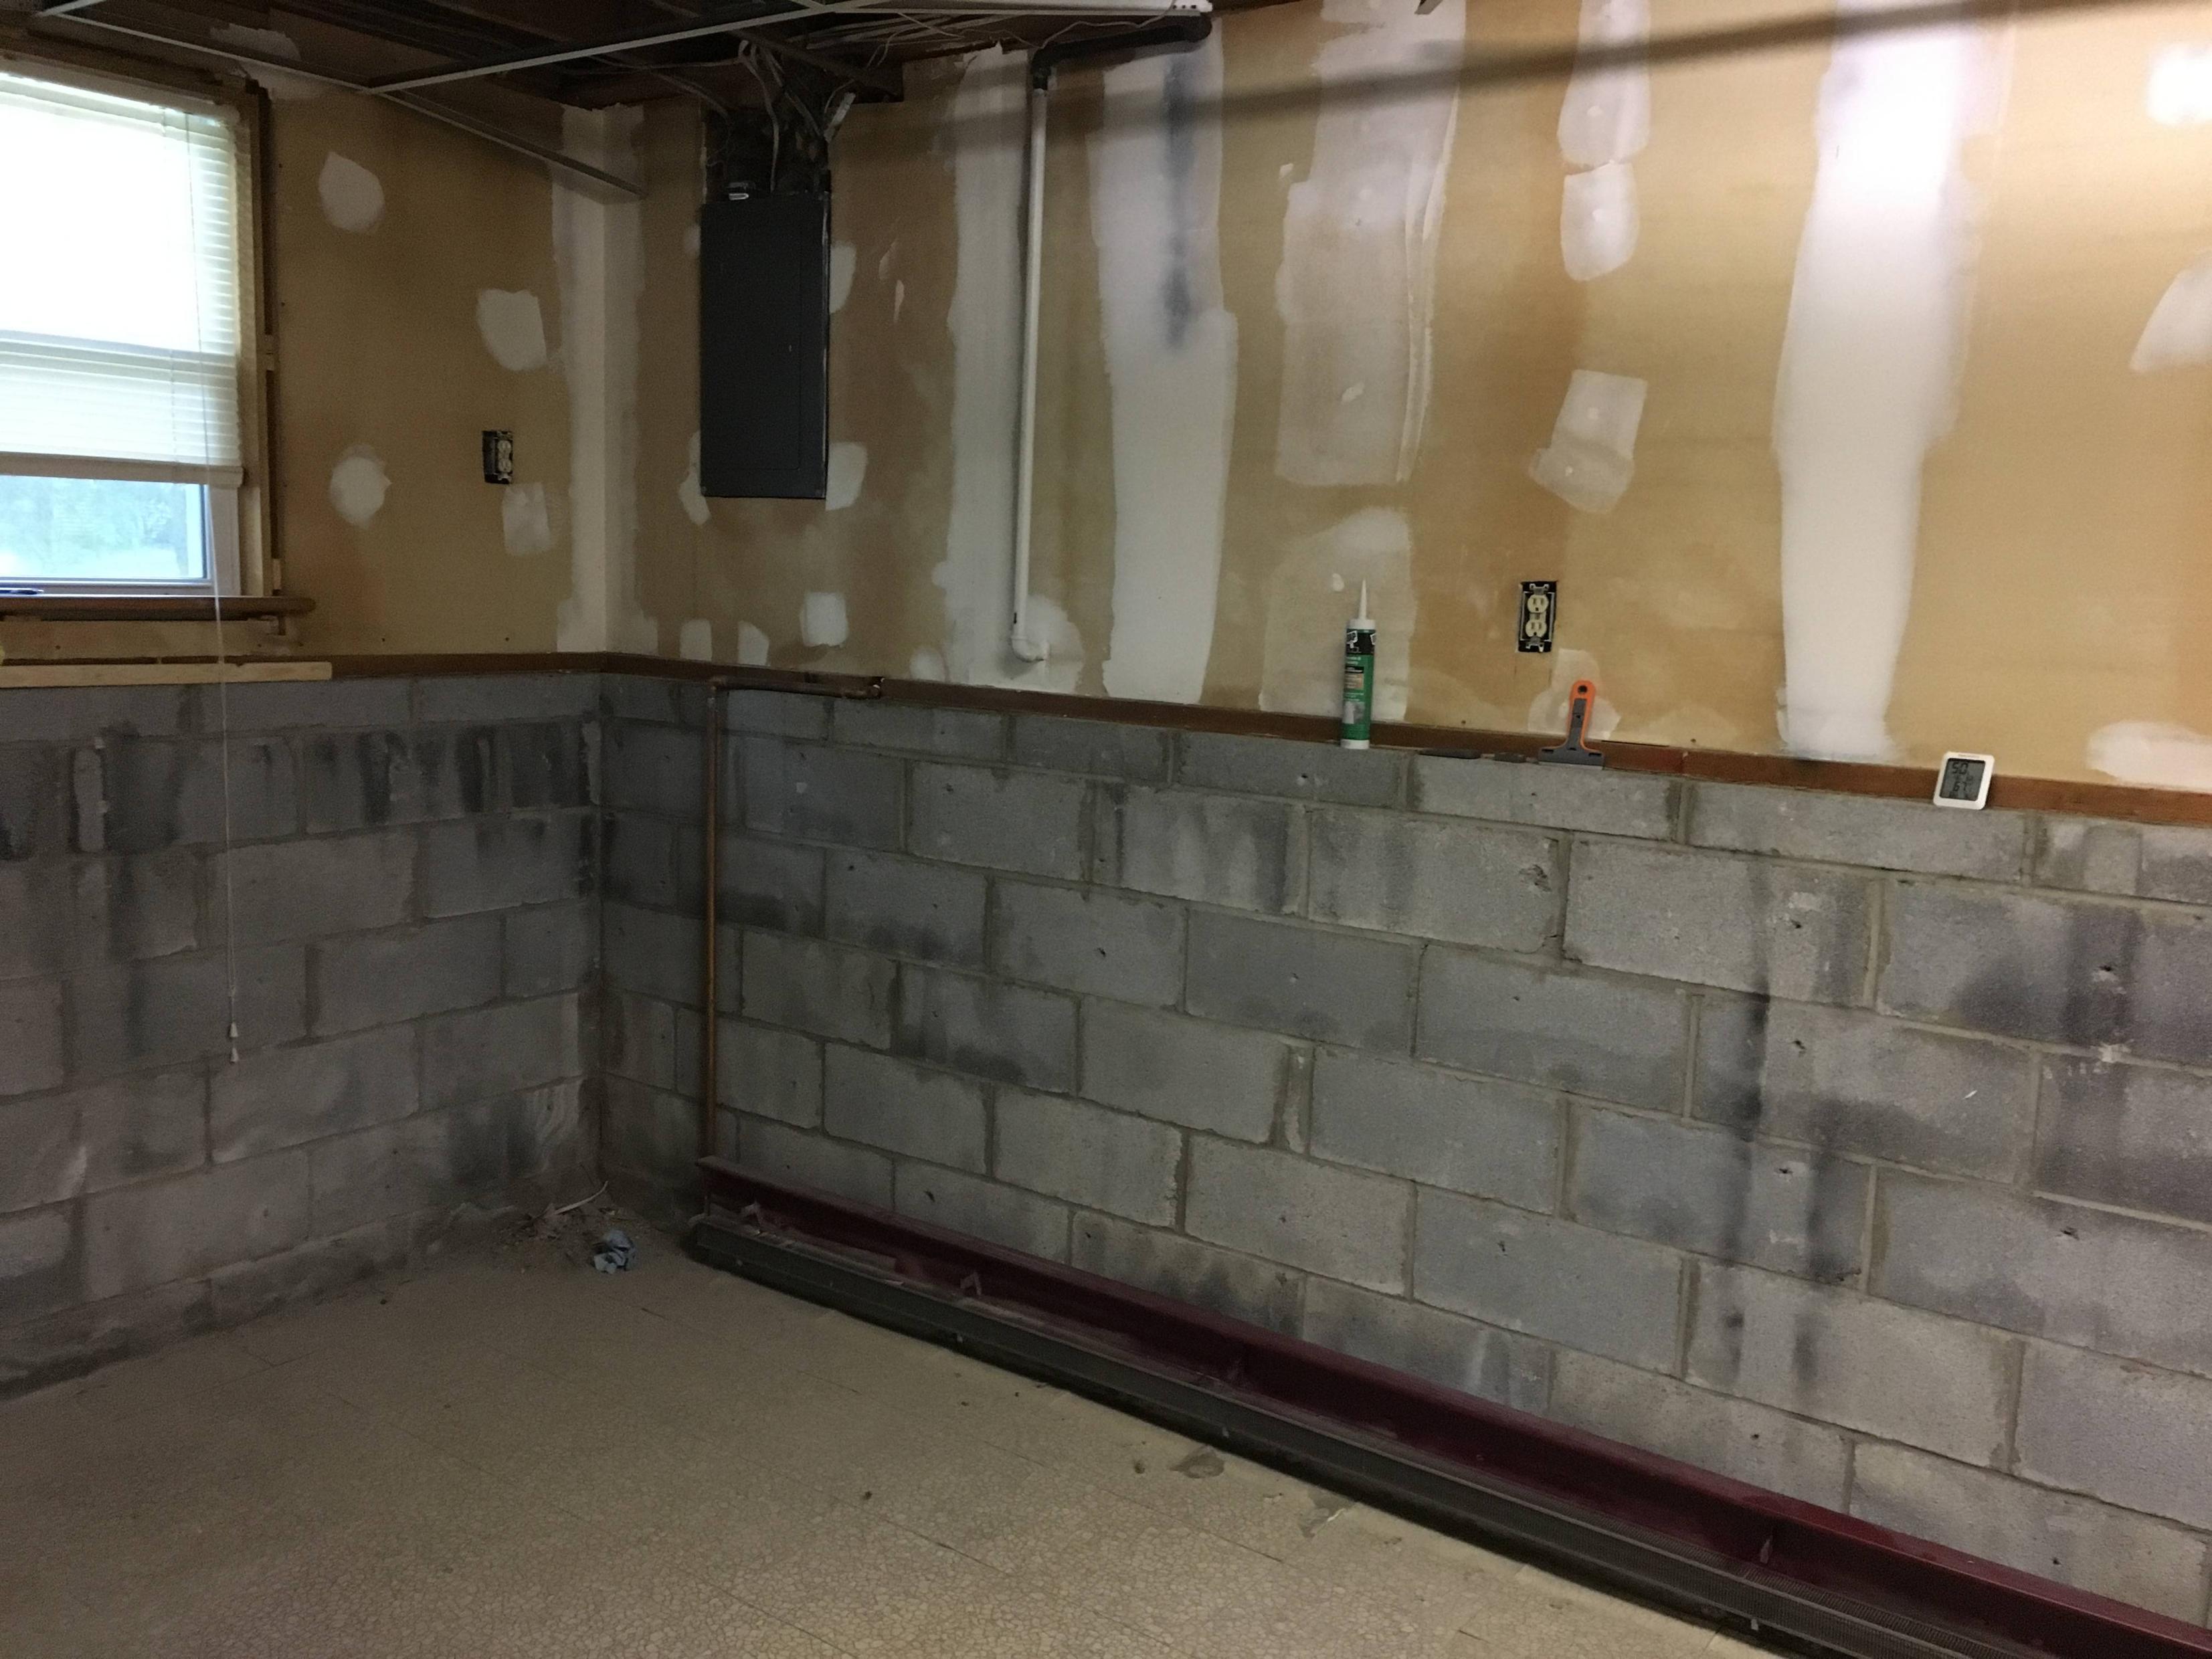 best vapor barrier for basement walls natashamillerweb rh natashamillerweb com vapor barrier for exterior basement walls vapor barrier for interior basement walls